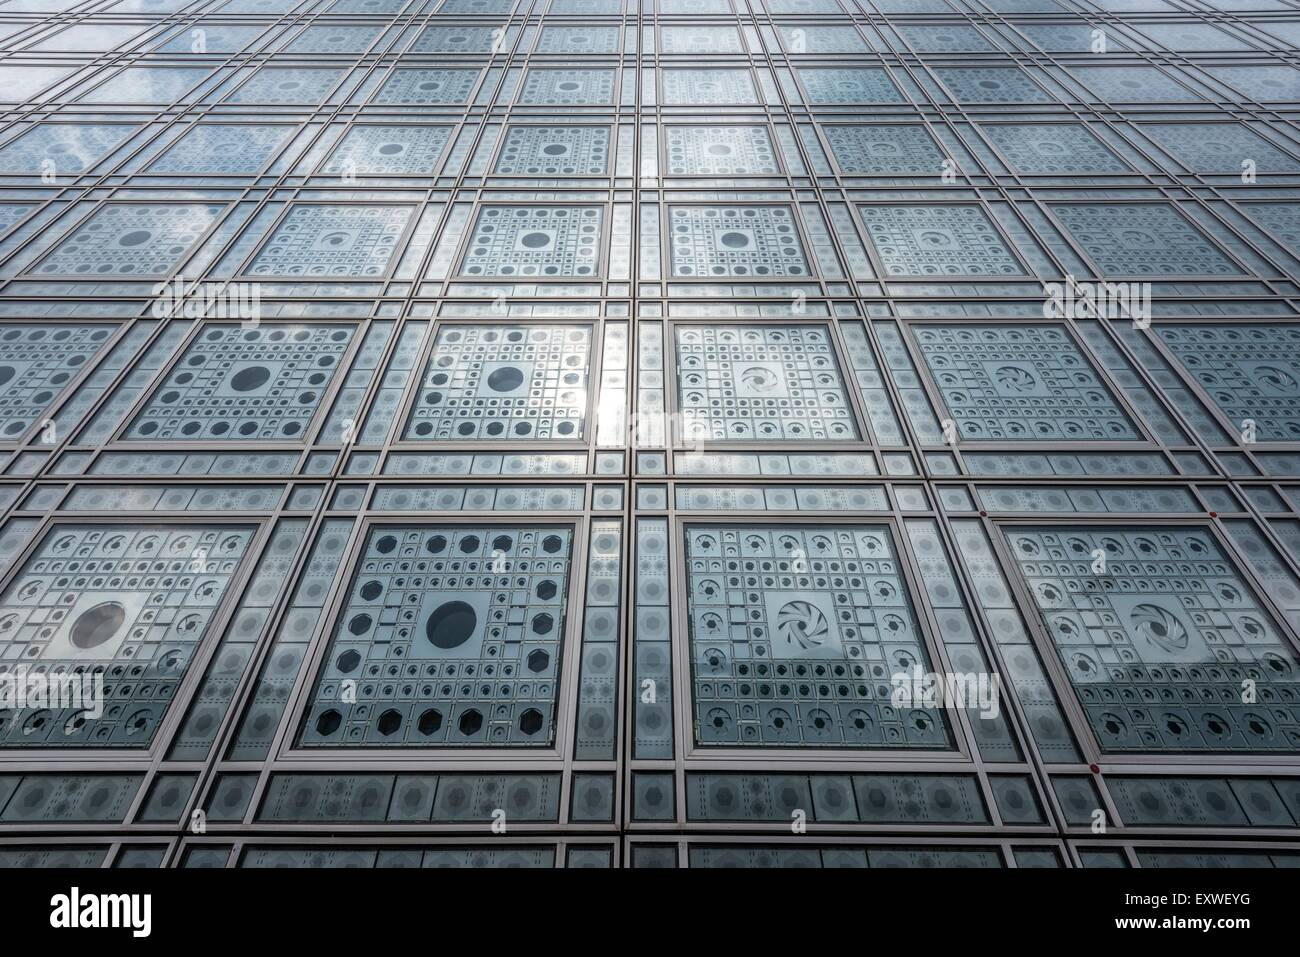 Arab World Institute, Paris, France, Europe - Stock Image